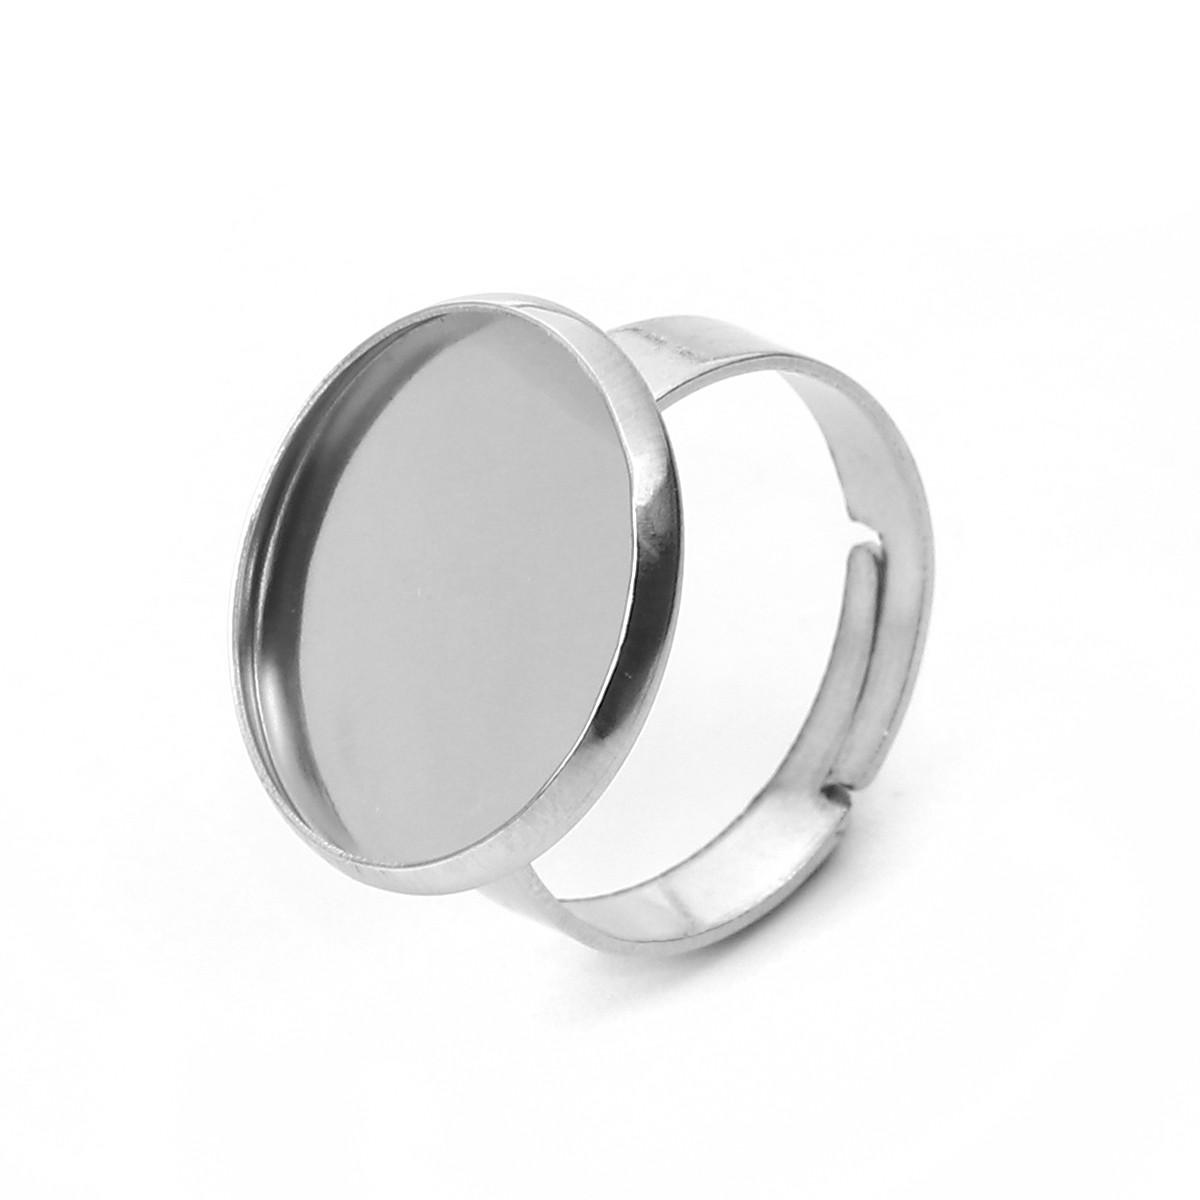 Основа для кільця, Регульована, Нержавіюча сталь, Колір: Сріблястий тон, Розмір 16.7 мм (Під вставку 16 мм)